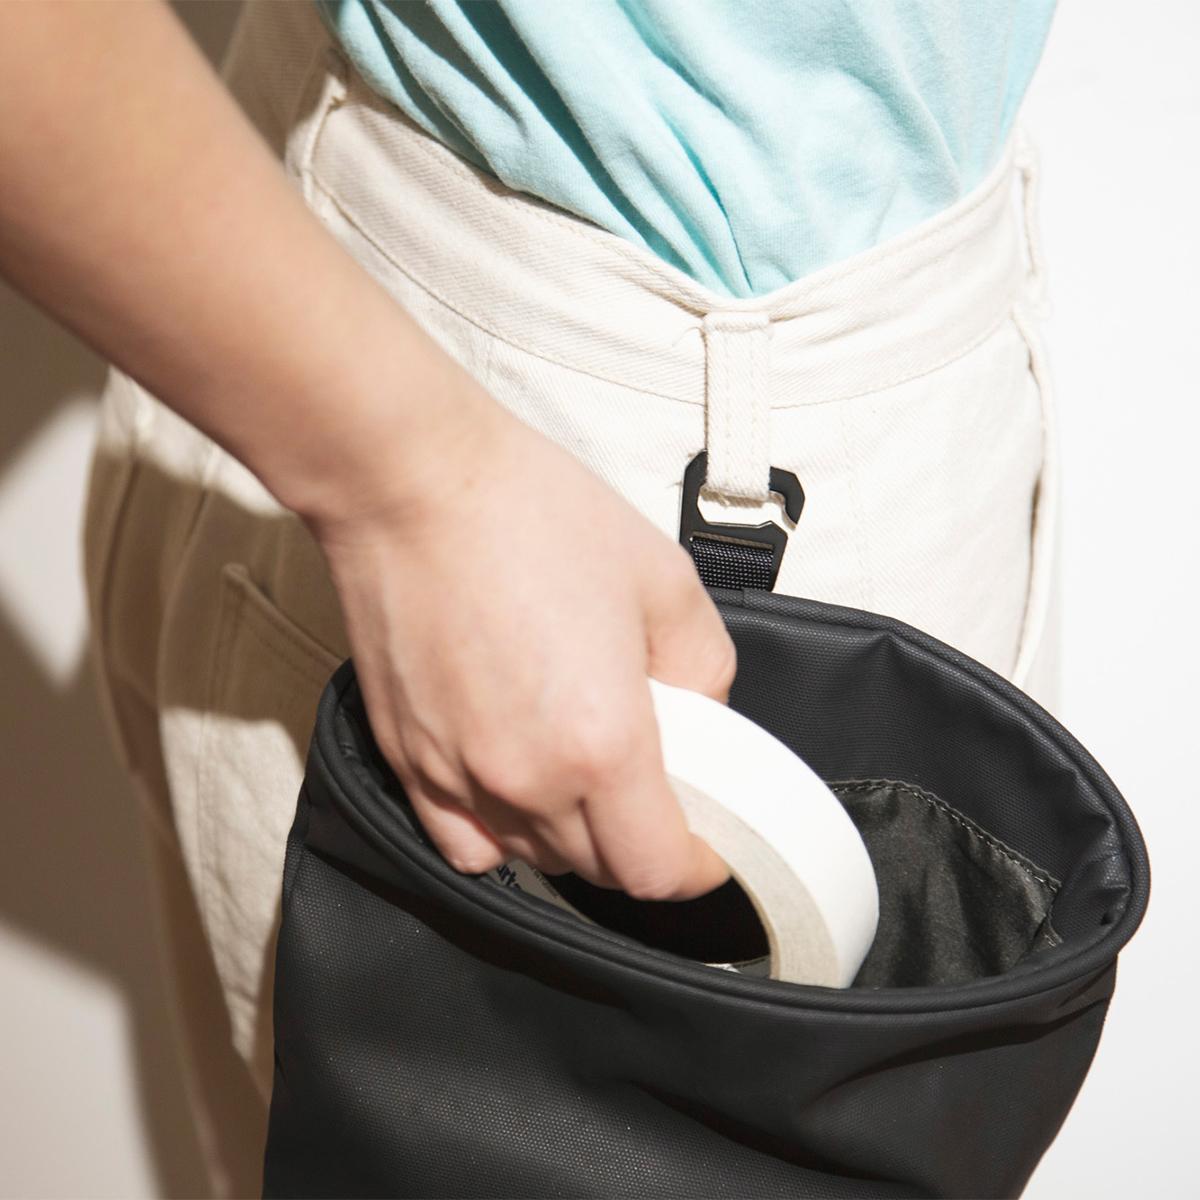 【吊り下げバッグ】シーンに合わせて4通りの使い方ができる「4WAYウエストバッグ」(水濡れや汚れに強いドライコレクション)|Topologie